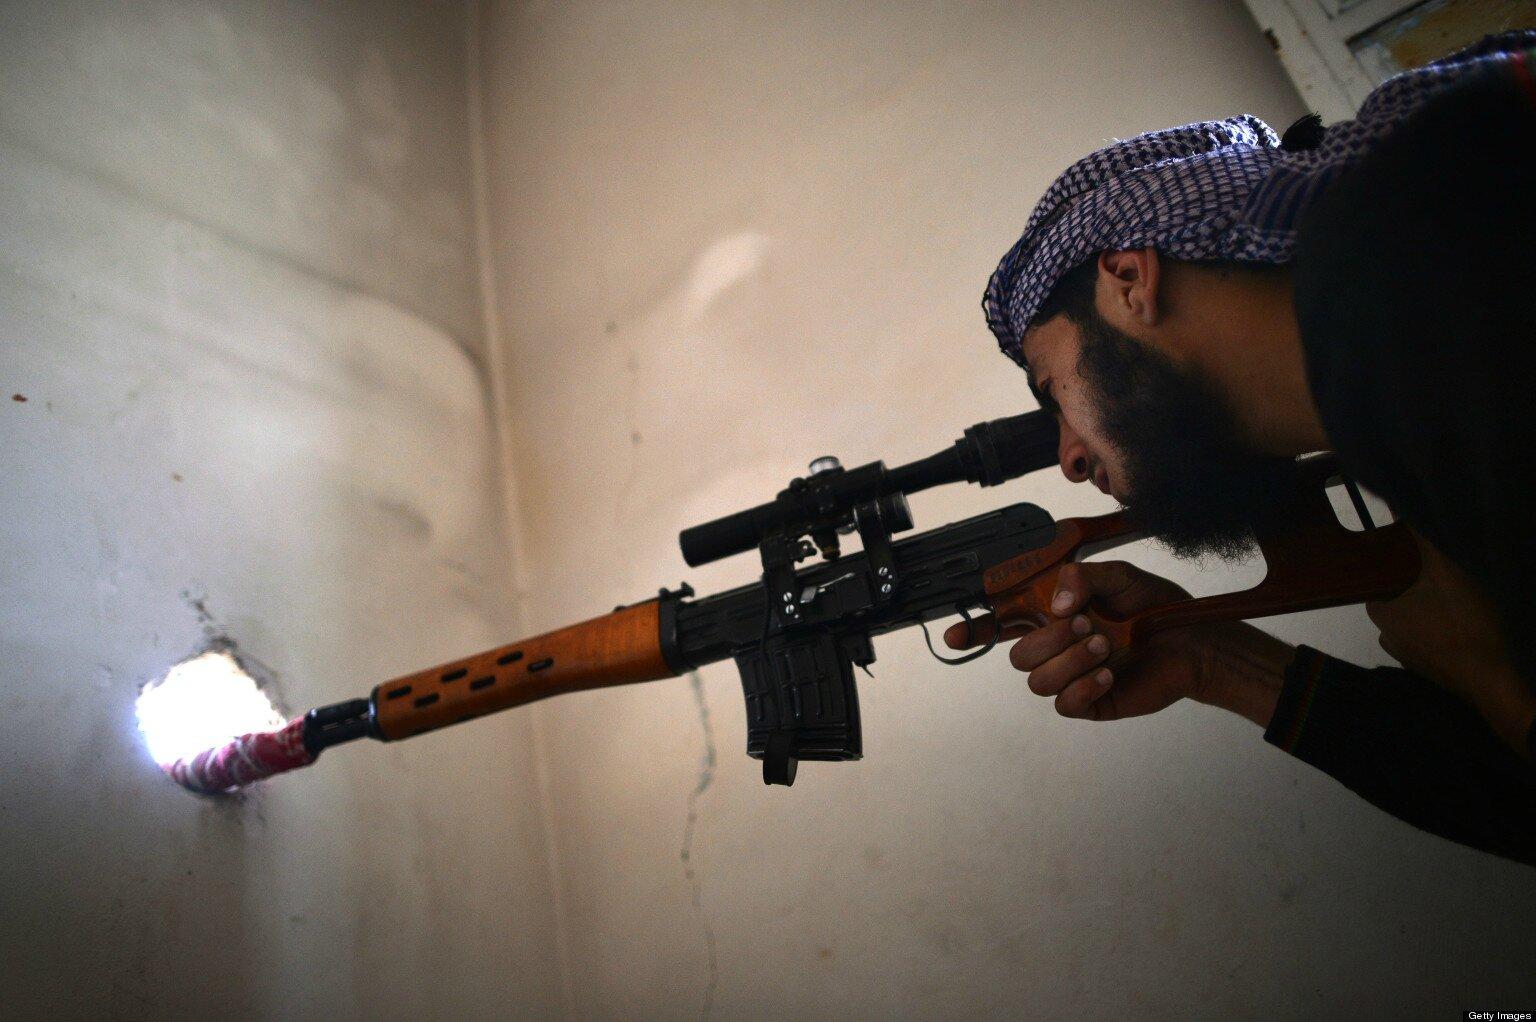 Les terroristes tiraient sur les gamins Les terroristes visaient les jambes, ils les laissaient blessés pour tuer les secours.